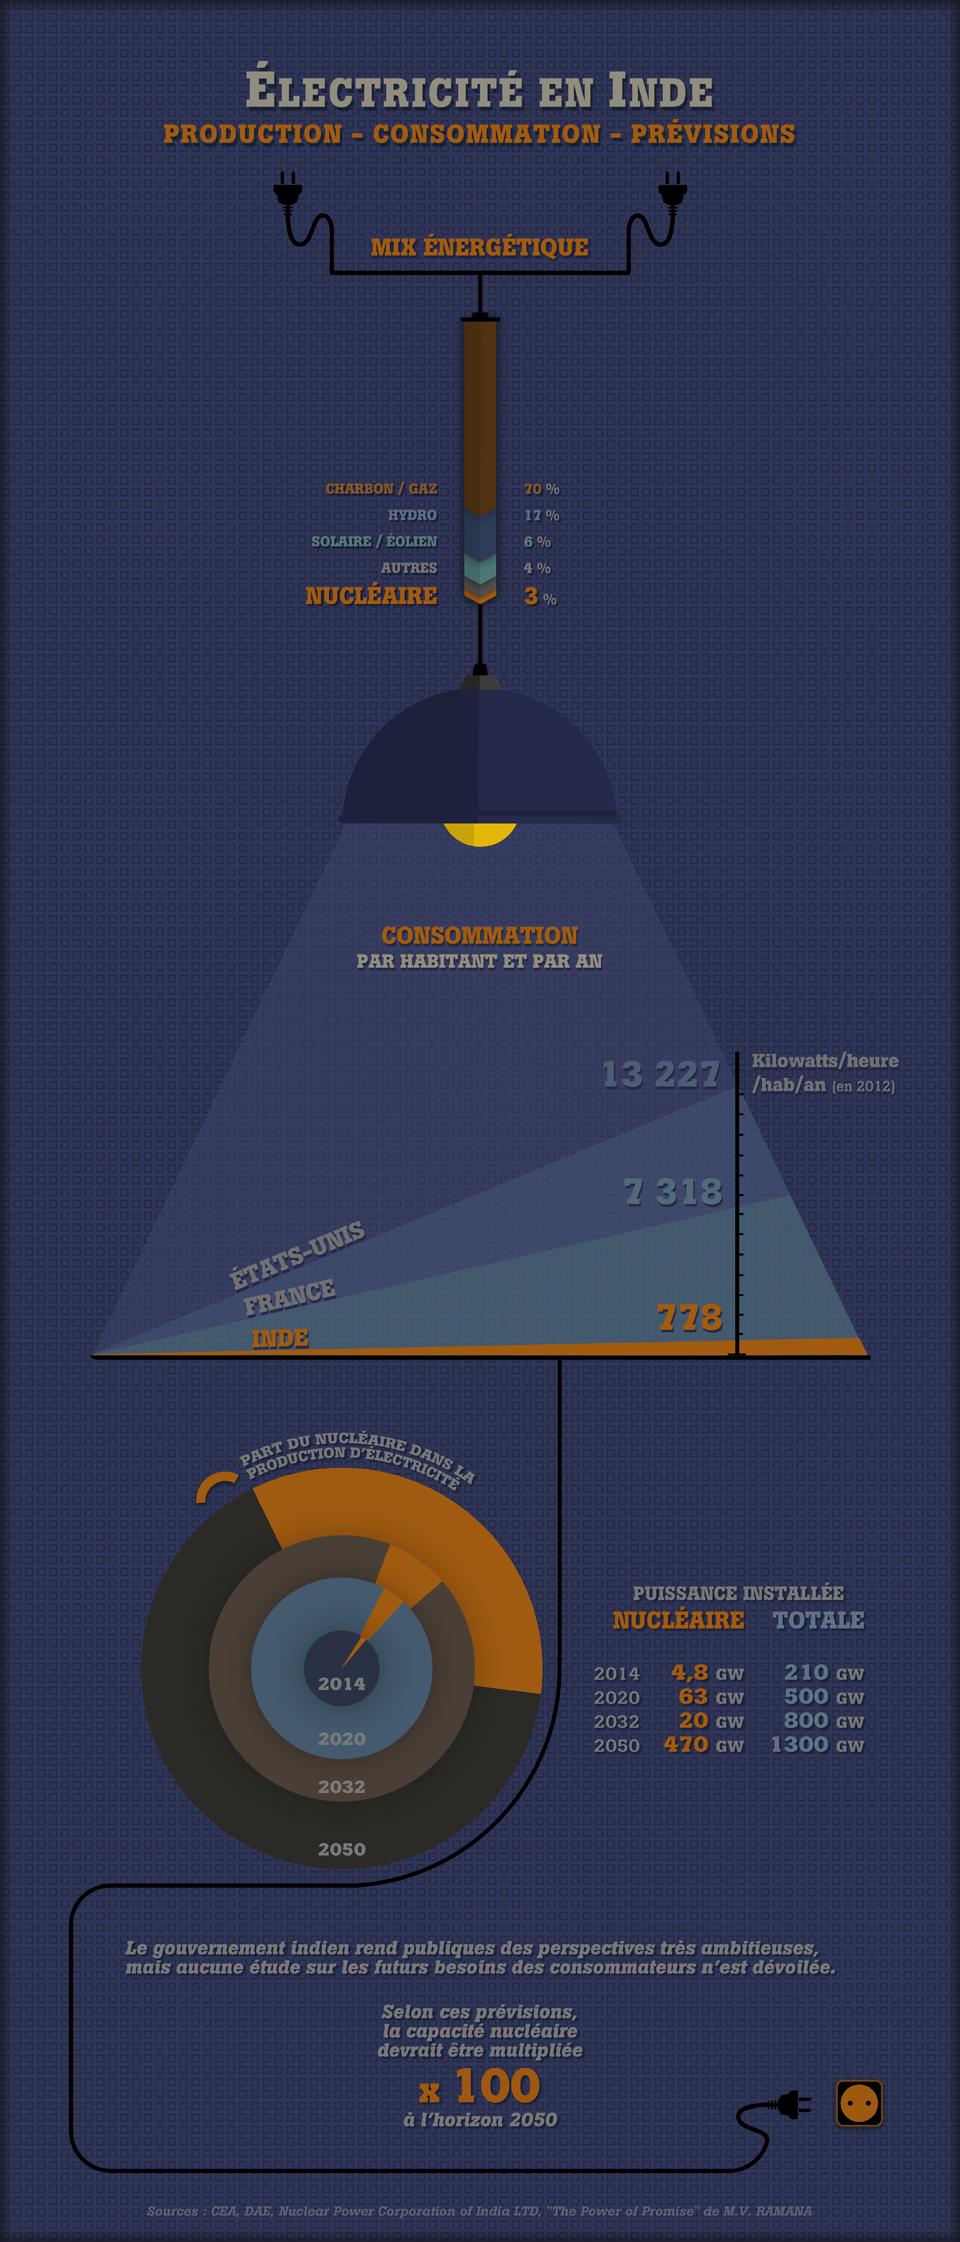 Électricité en Inde